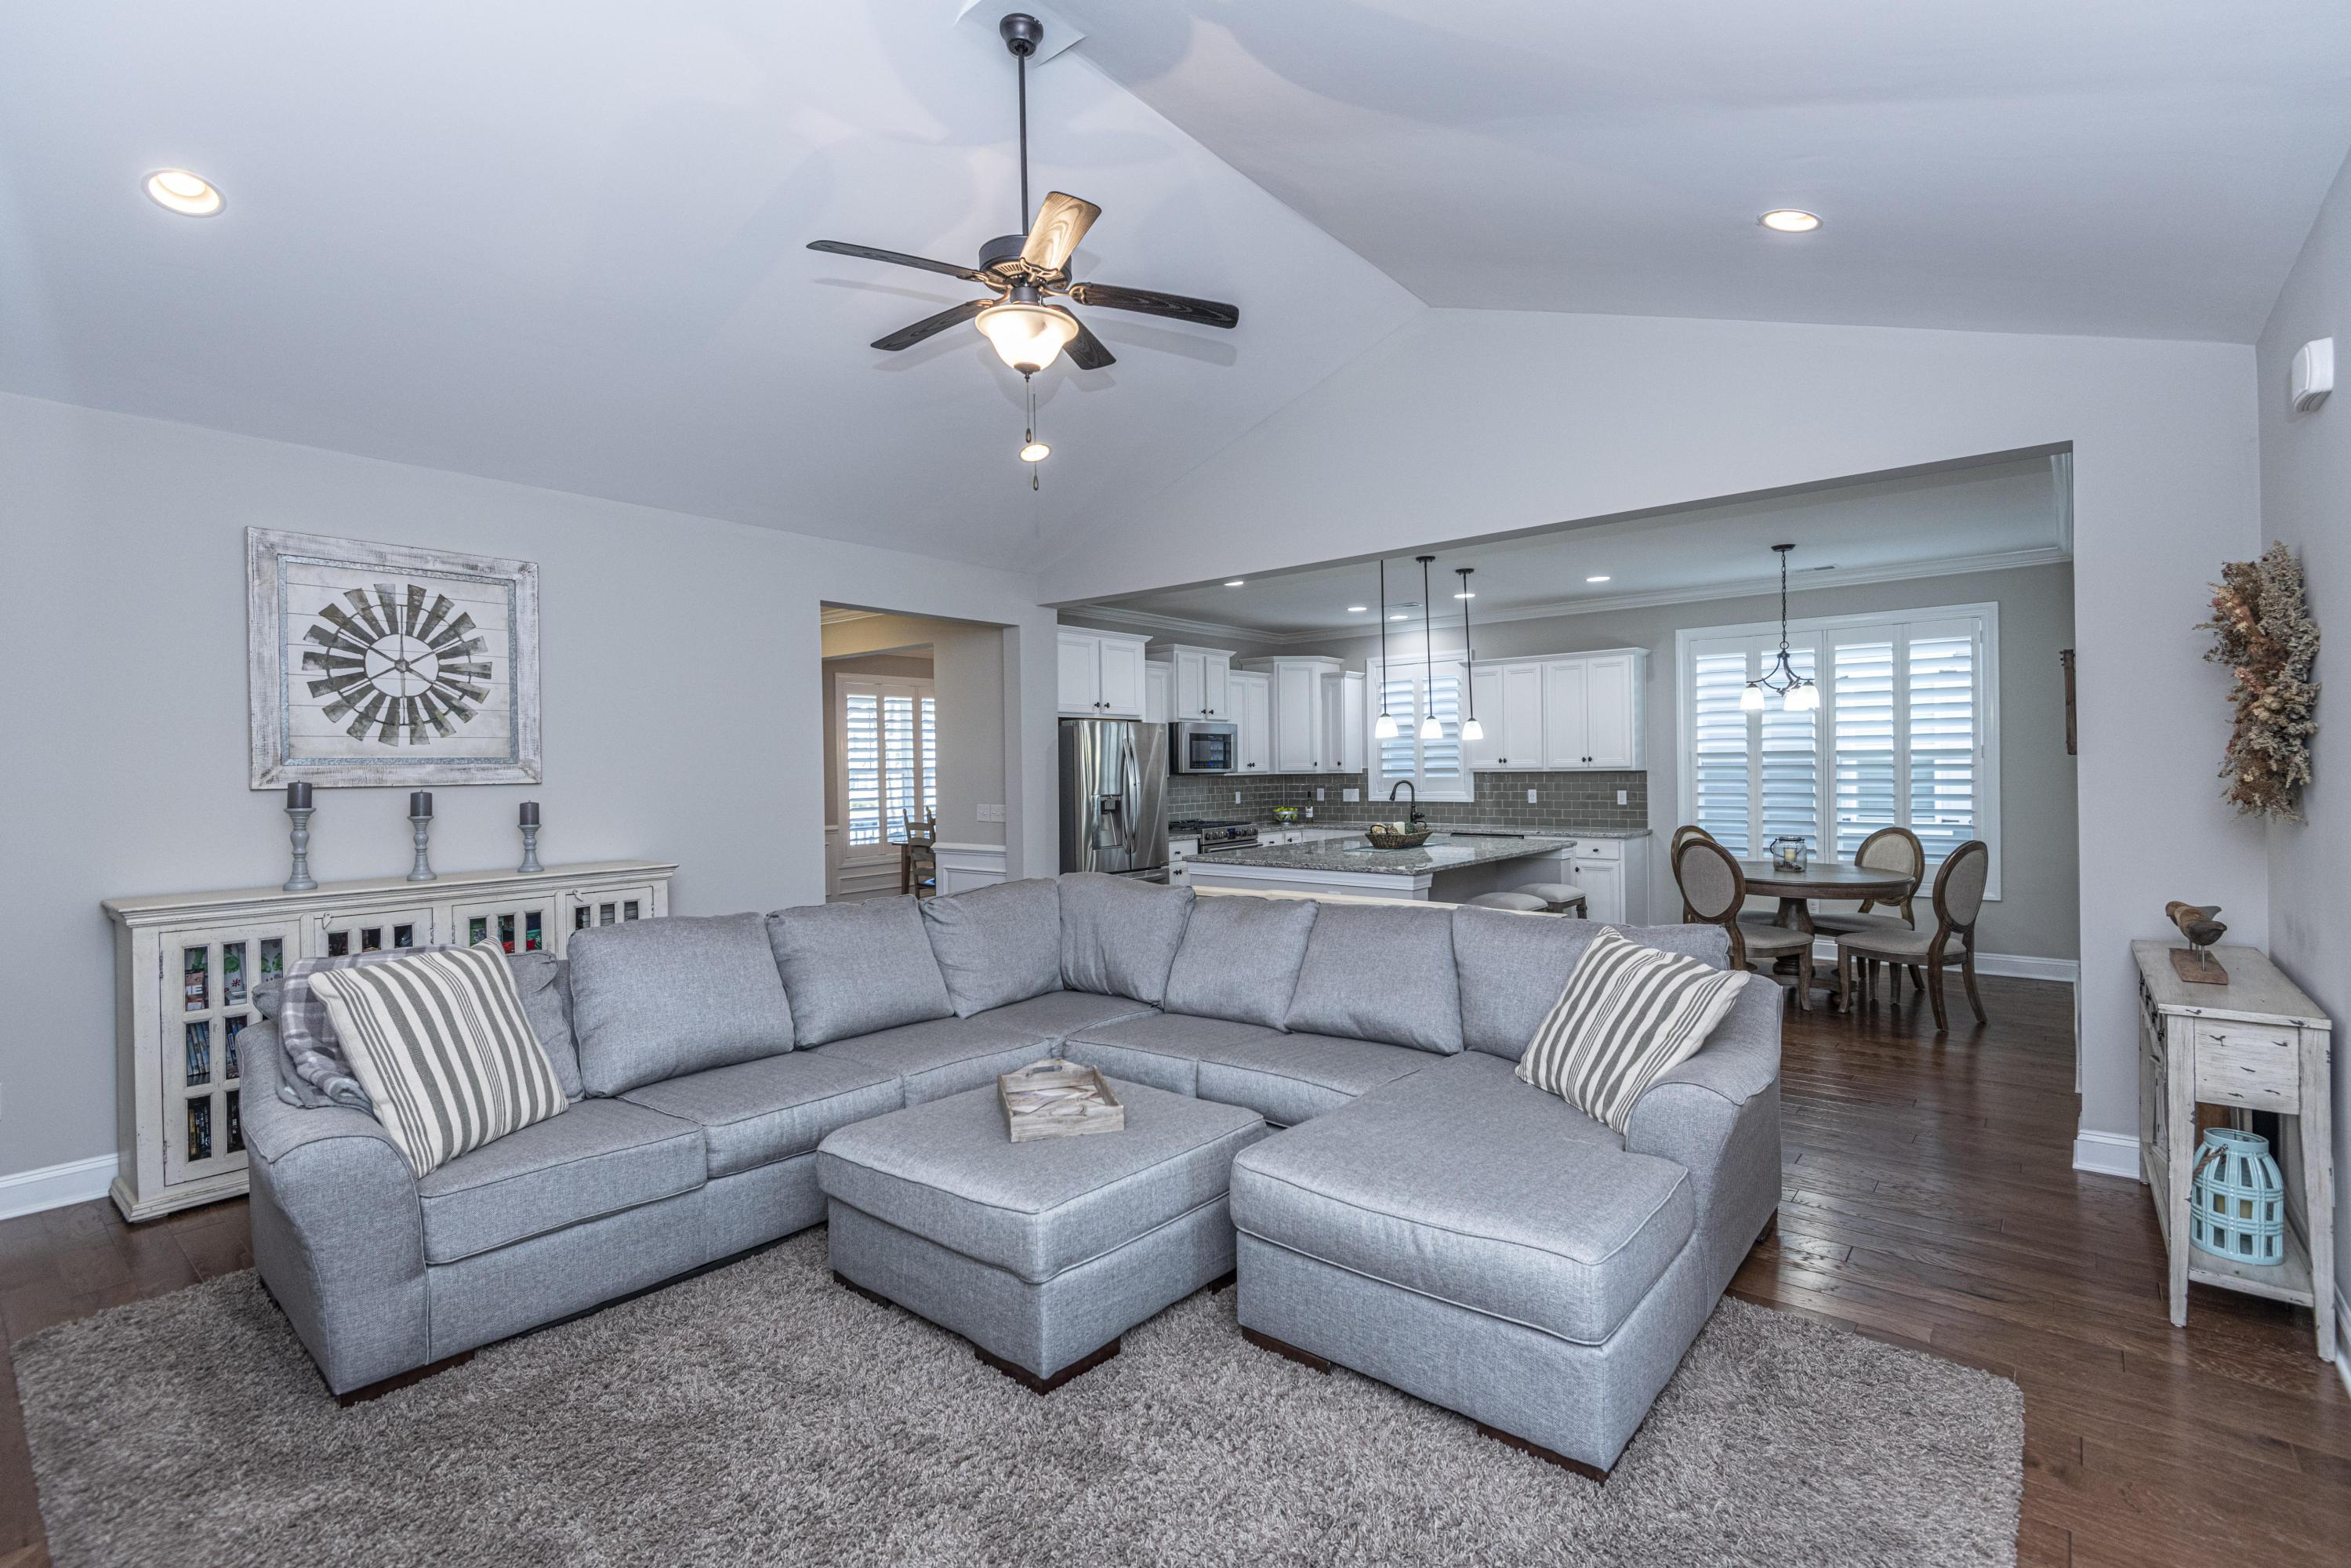 Park West Homes For Sale - 2667 Park West, Mount Pleasant, SC - 19